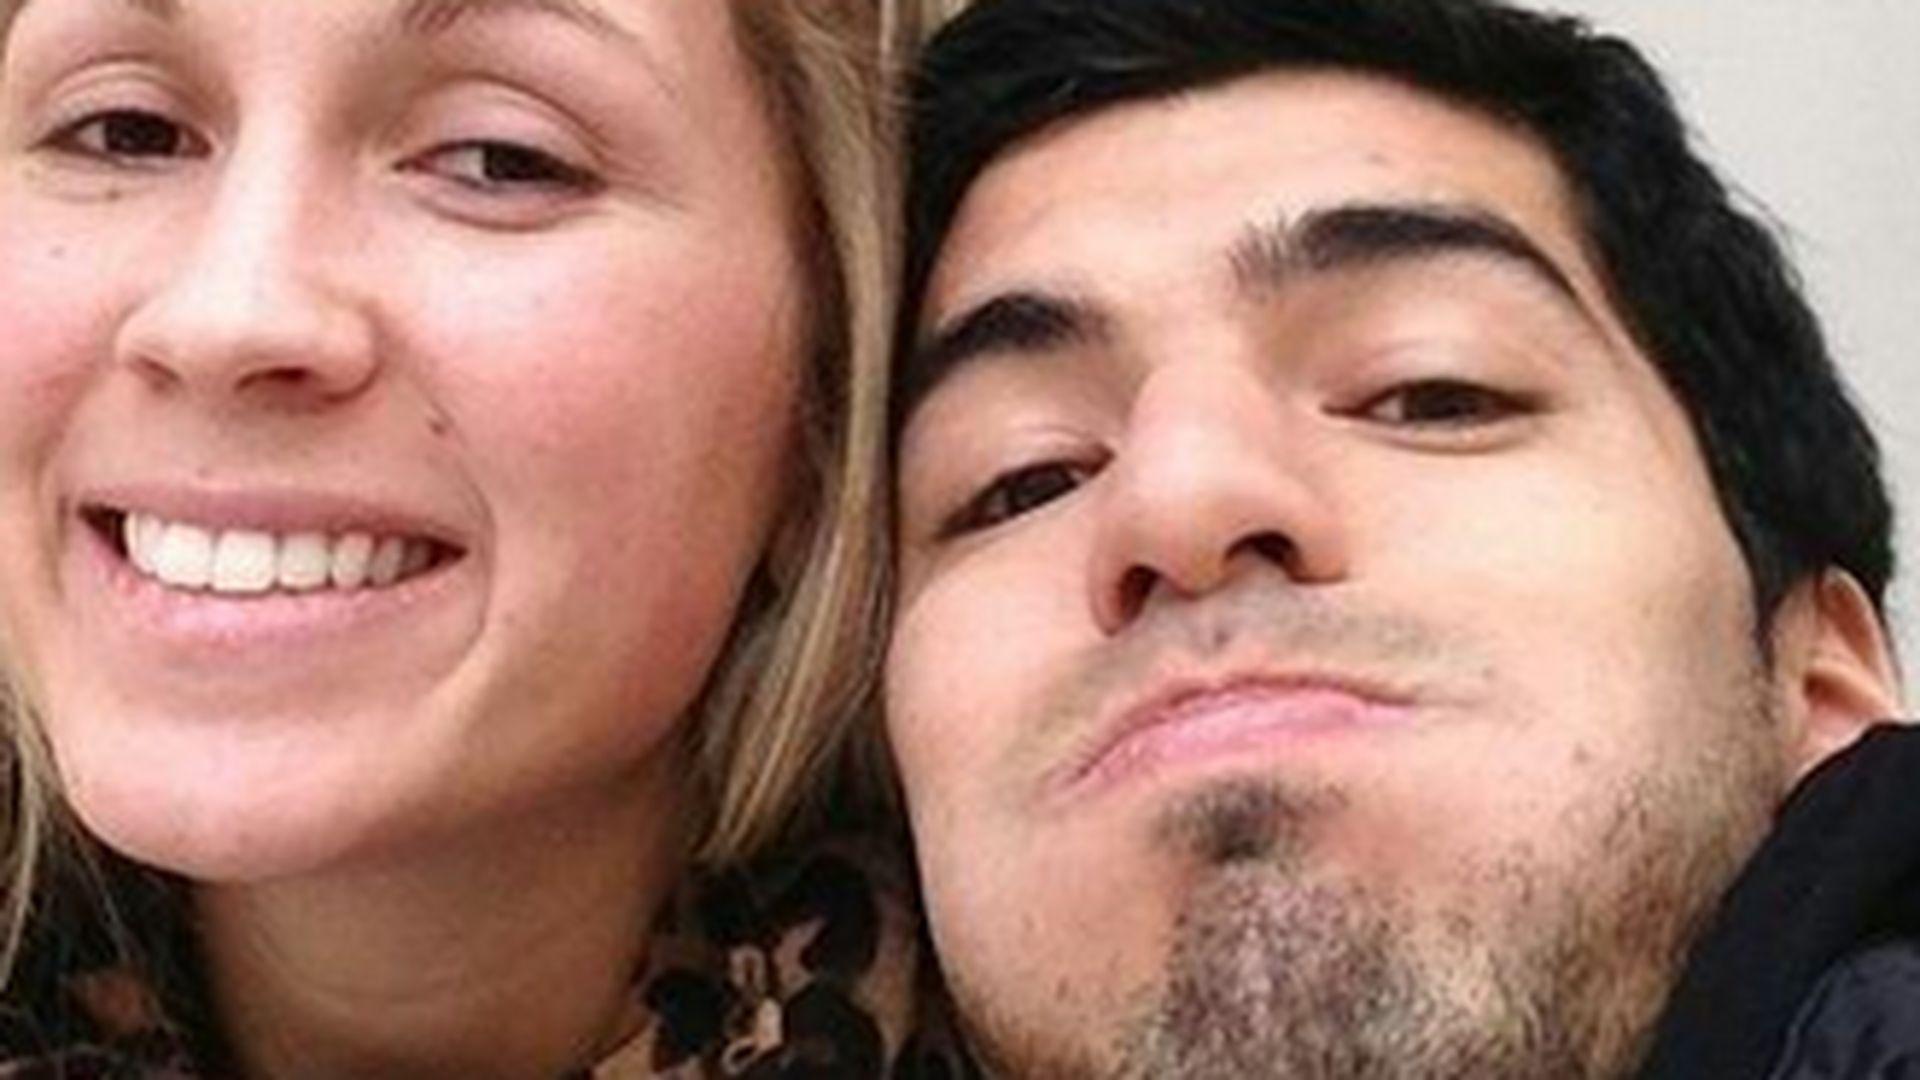 verheiratete frauen treffen singles bei facebook